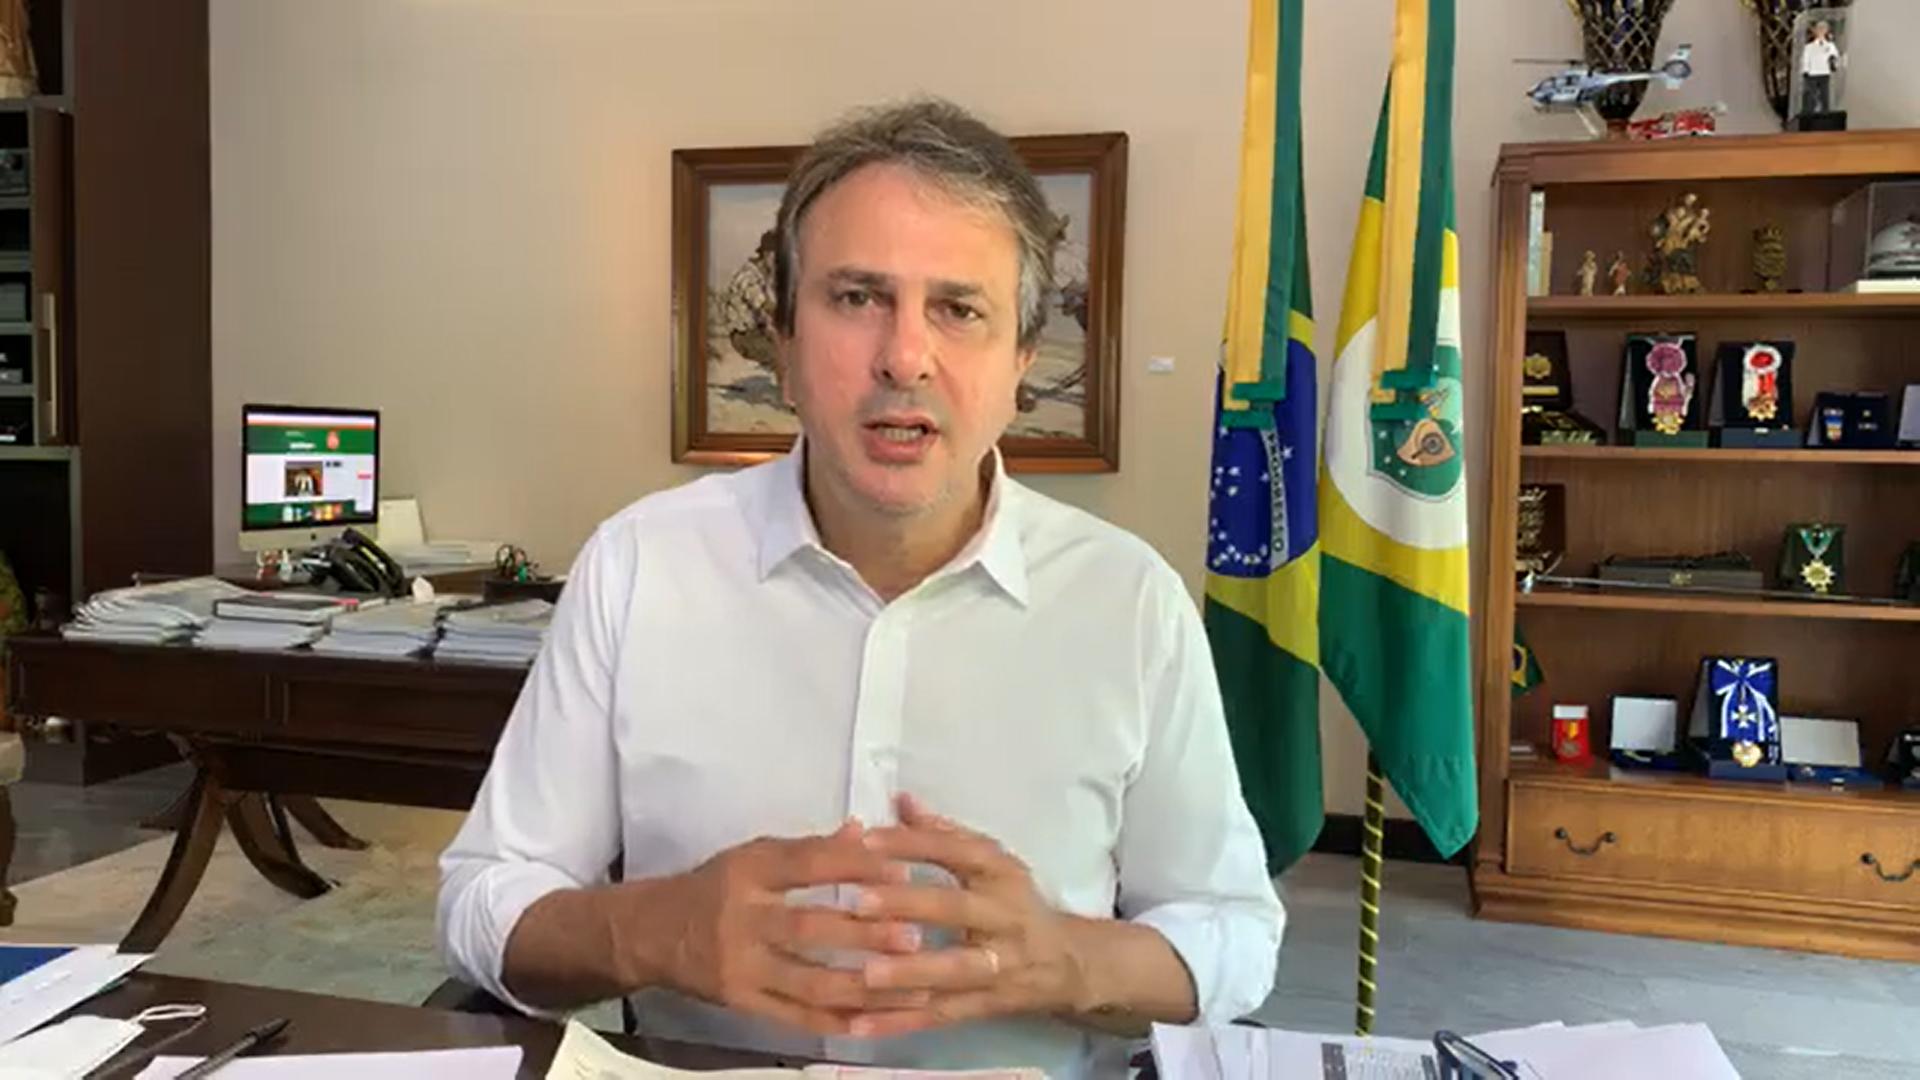 Macrorregião de Fortaleza entra na Etapa 1 da retomada de aulas presenciais